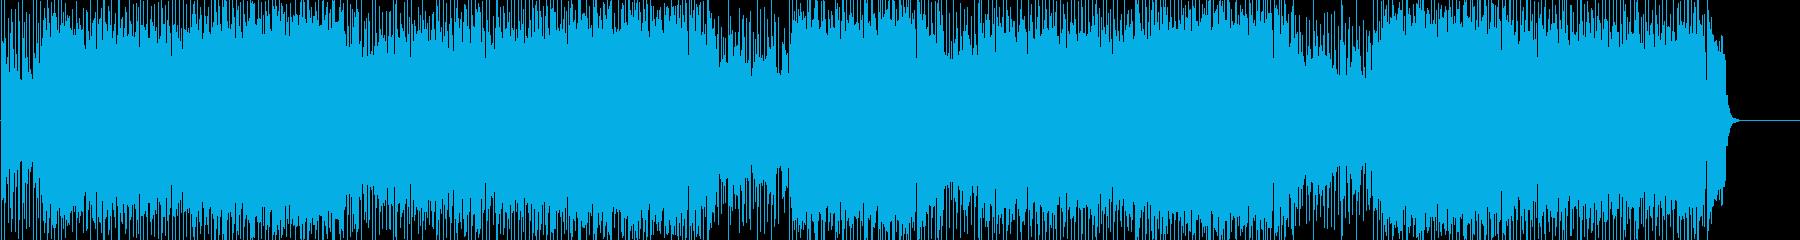 はつらつ テーマ 前進 青空の再生済みの波形